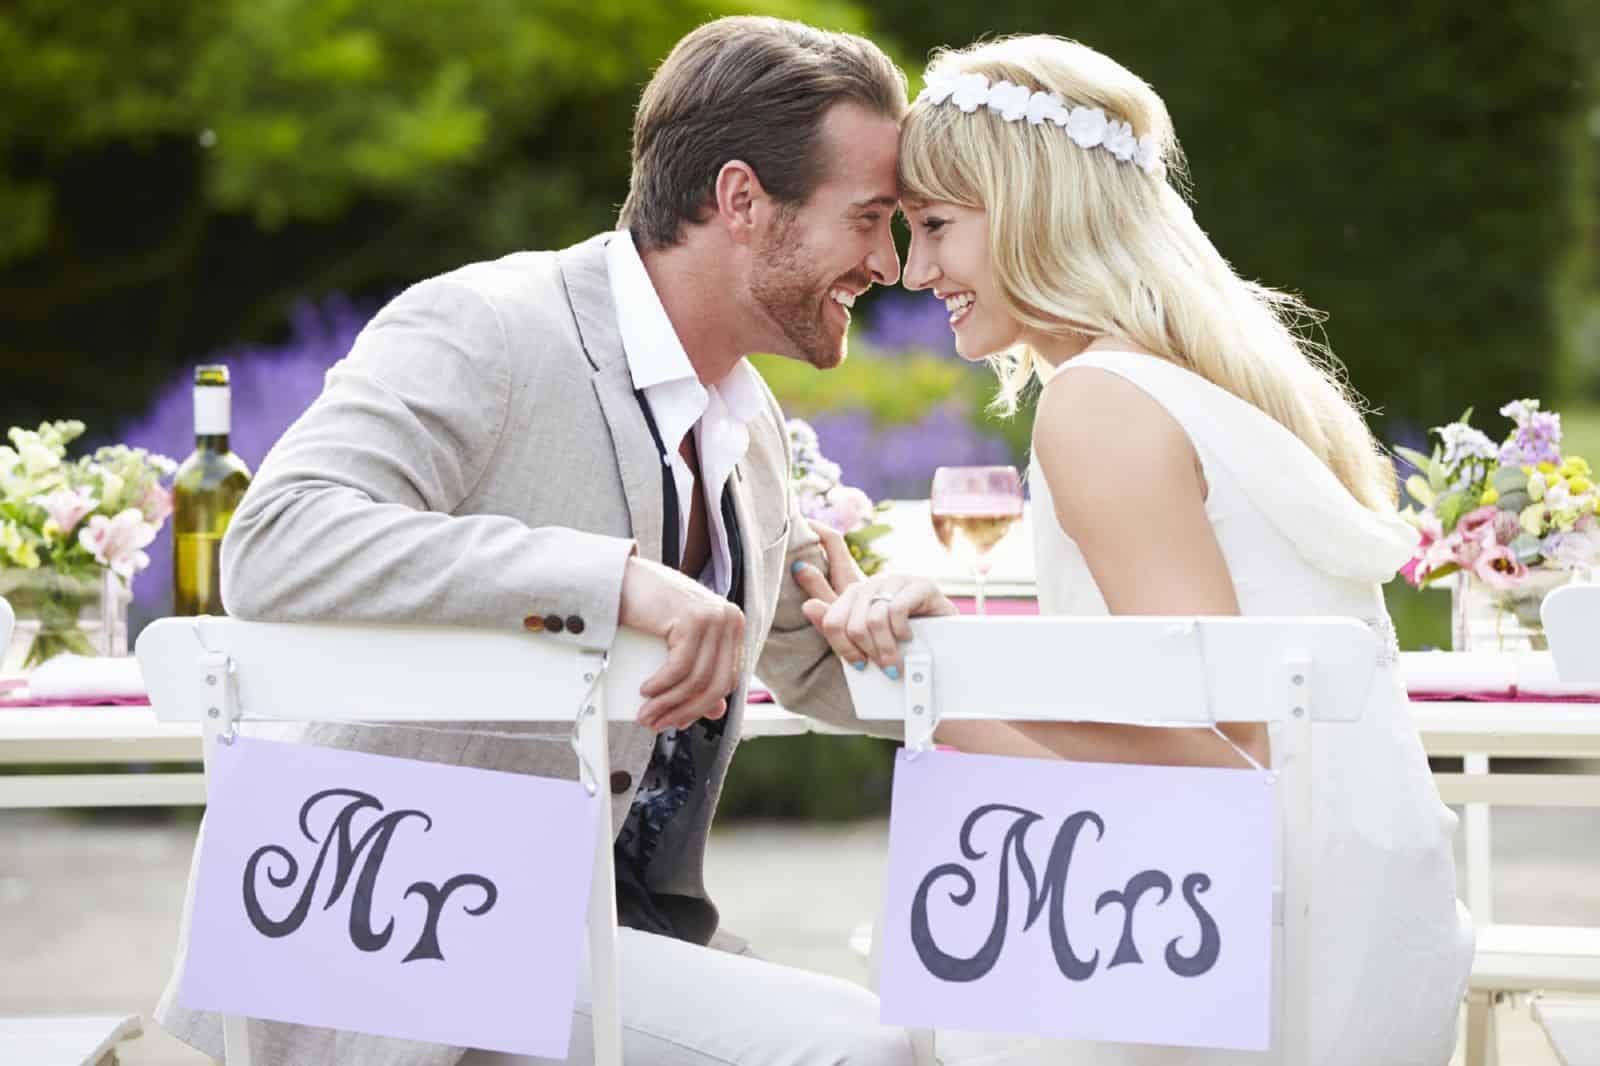 Нужно ли менять фамилию при замужестве? Рекомендации